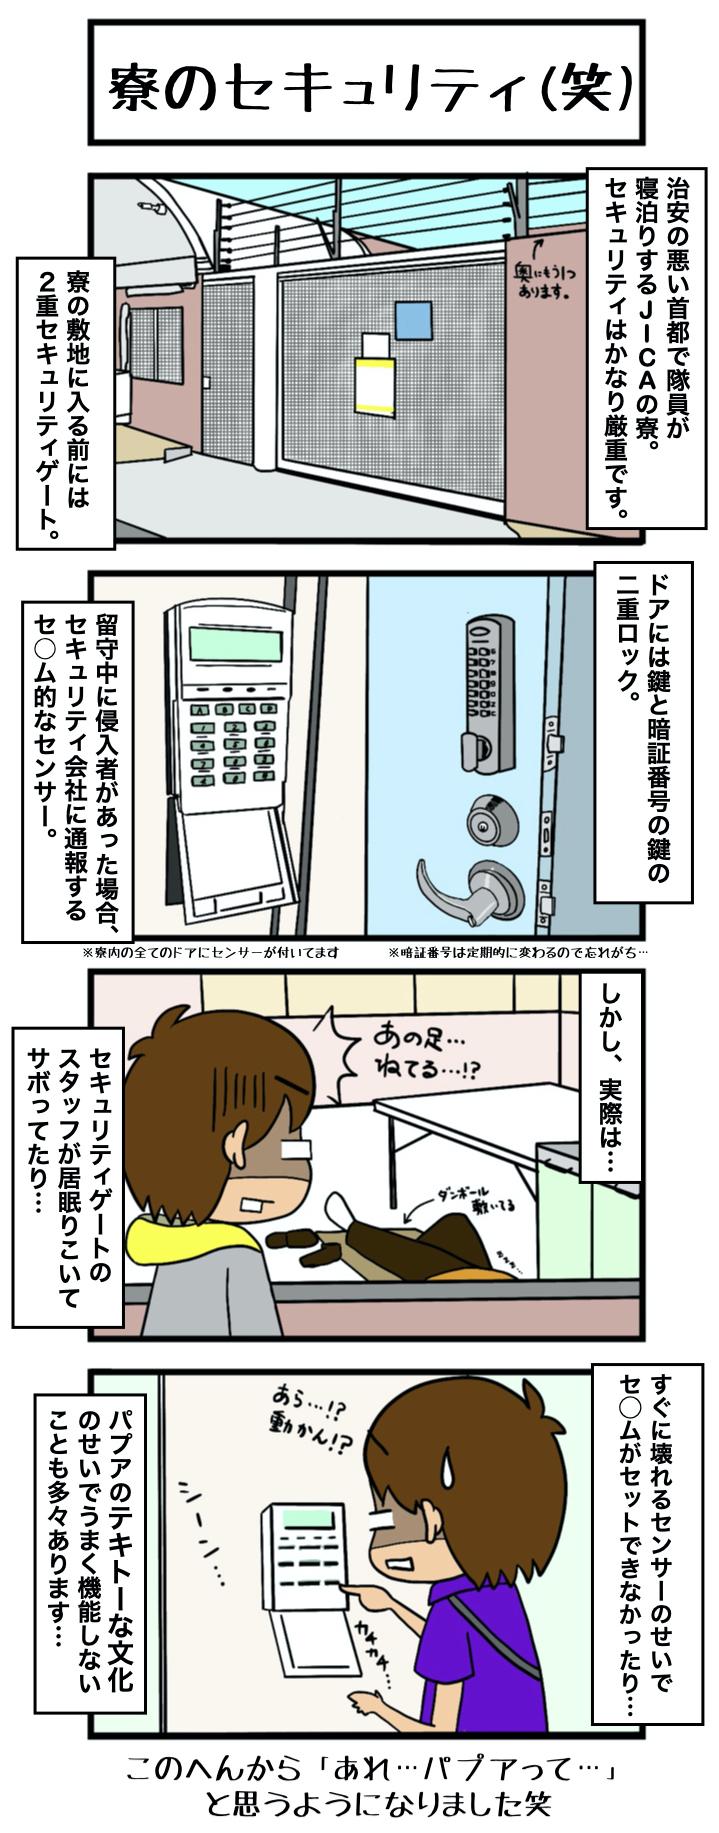 パプア マンガ 26 寮のセキュリティ(笑)